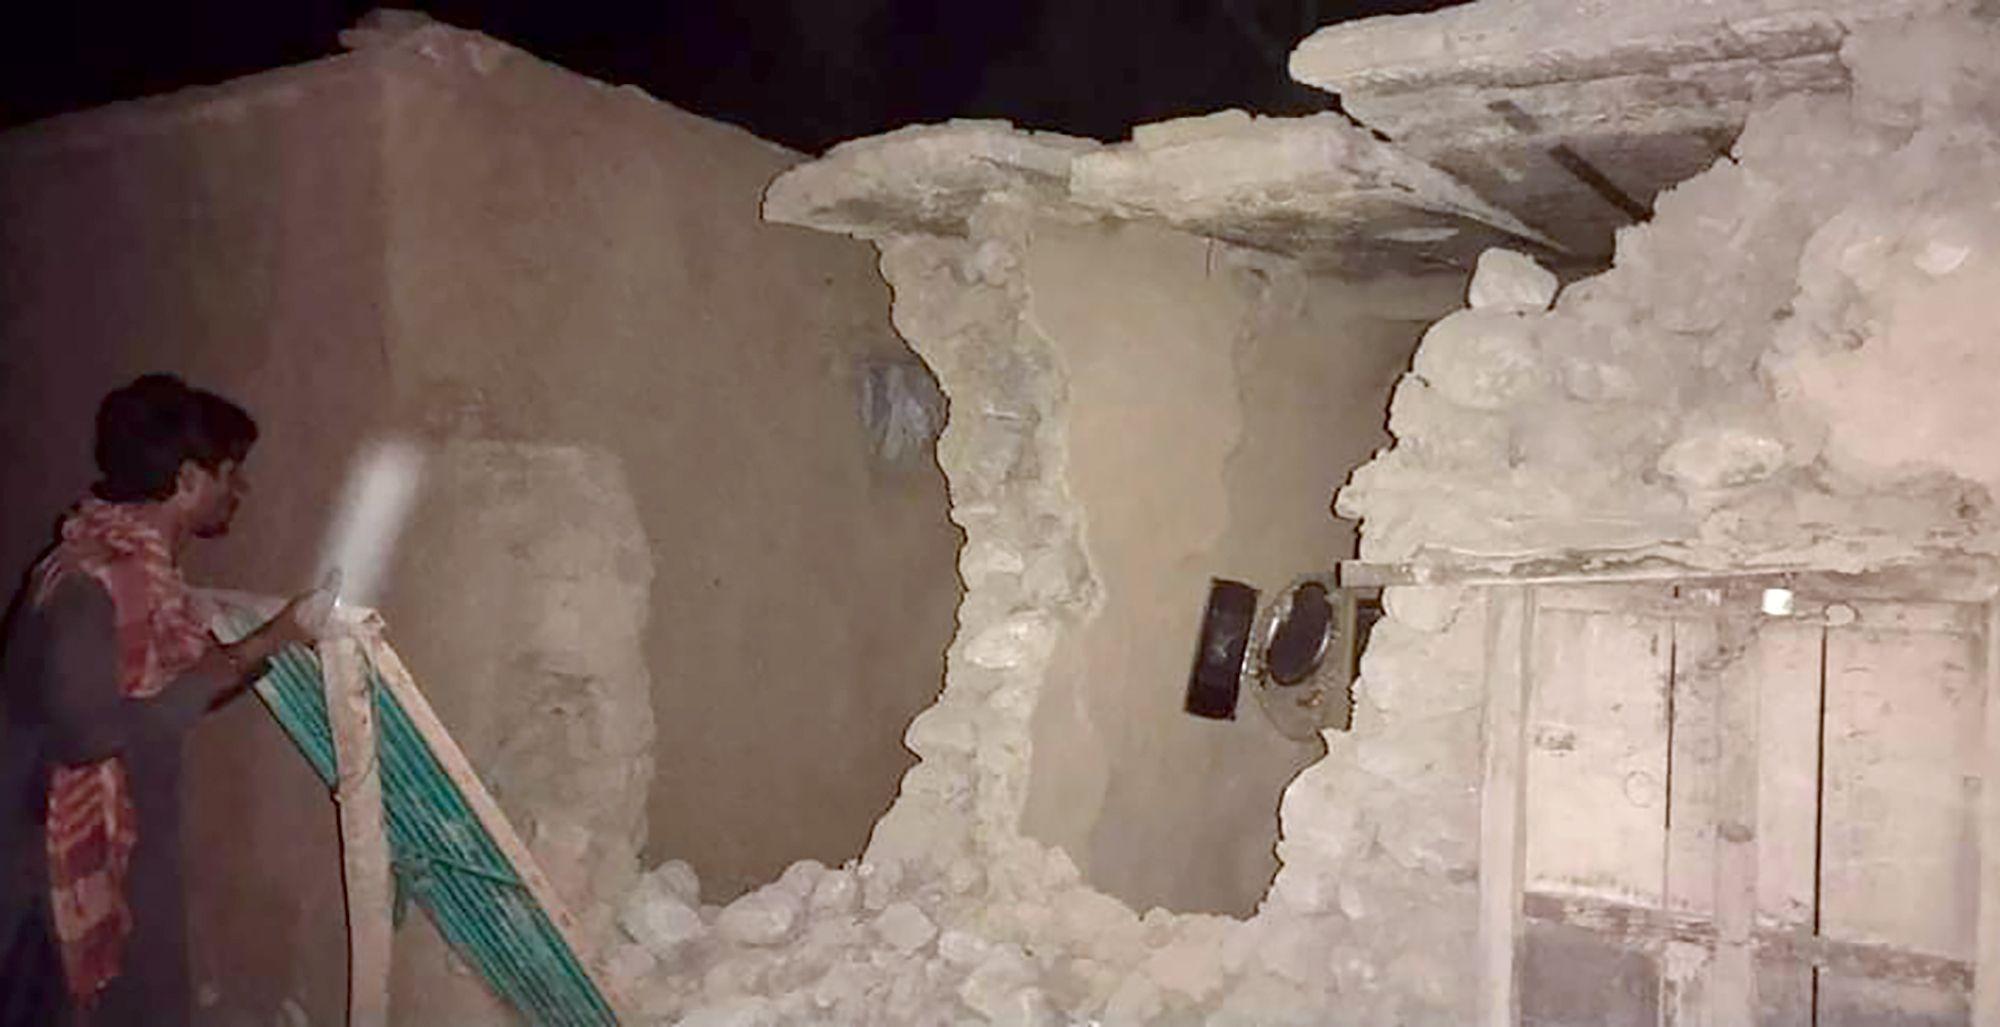 sismo deja al menos 11 muertos en suroeste de pakistan